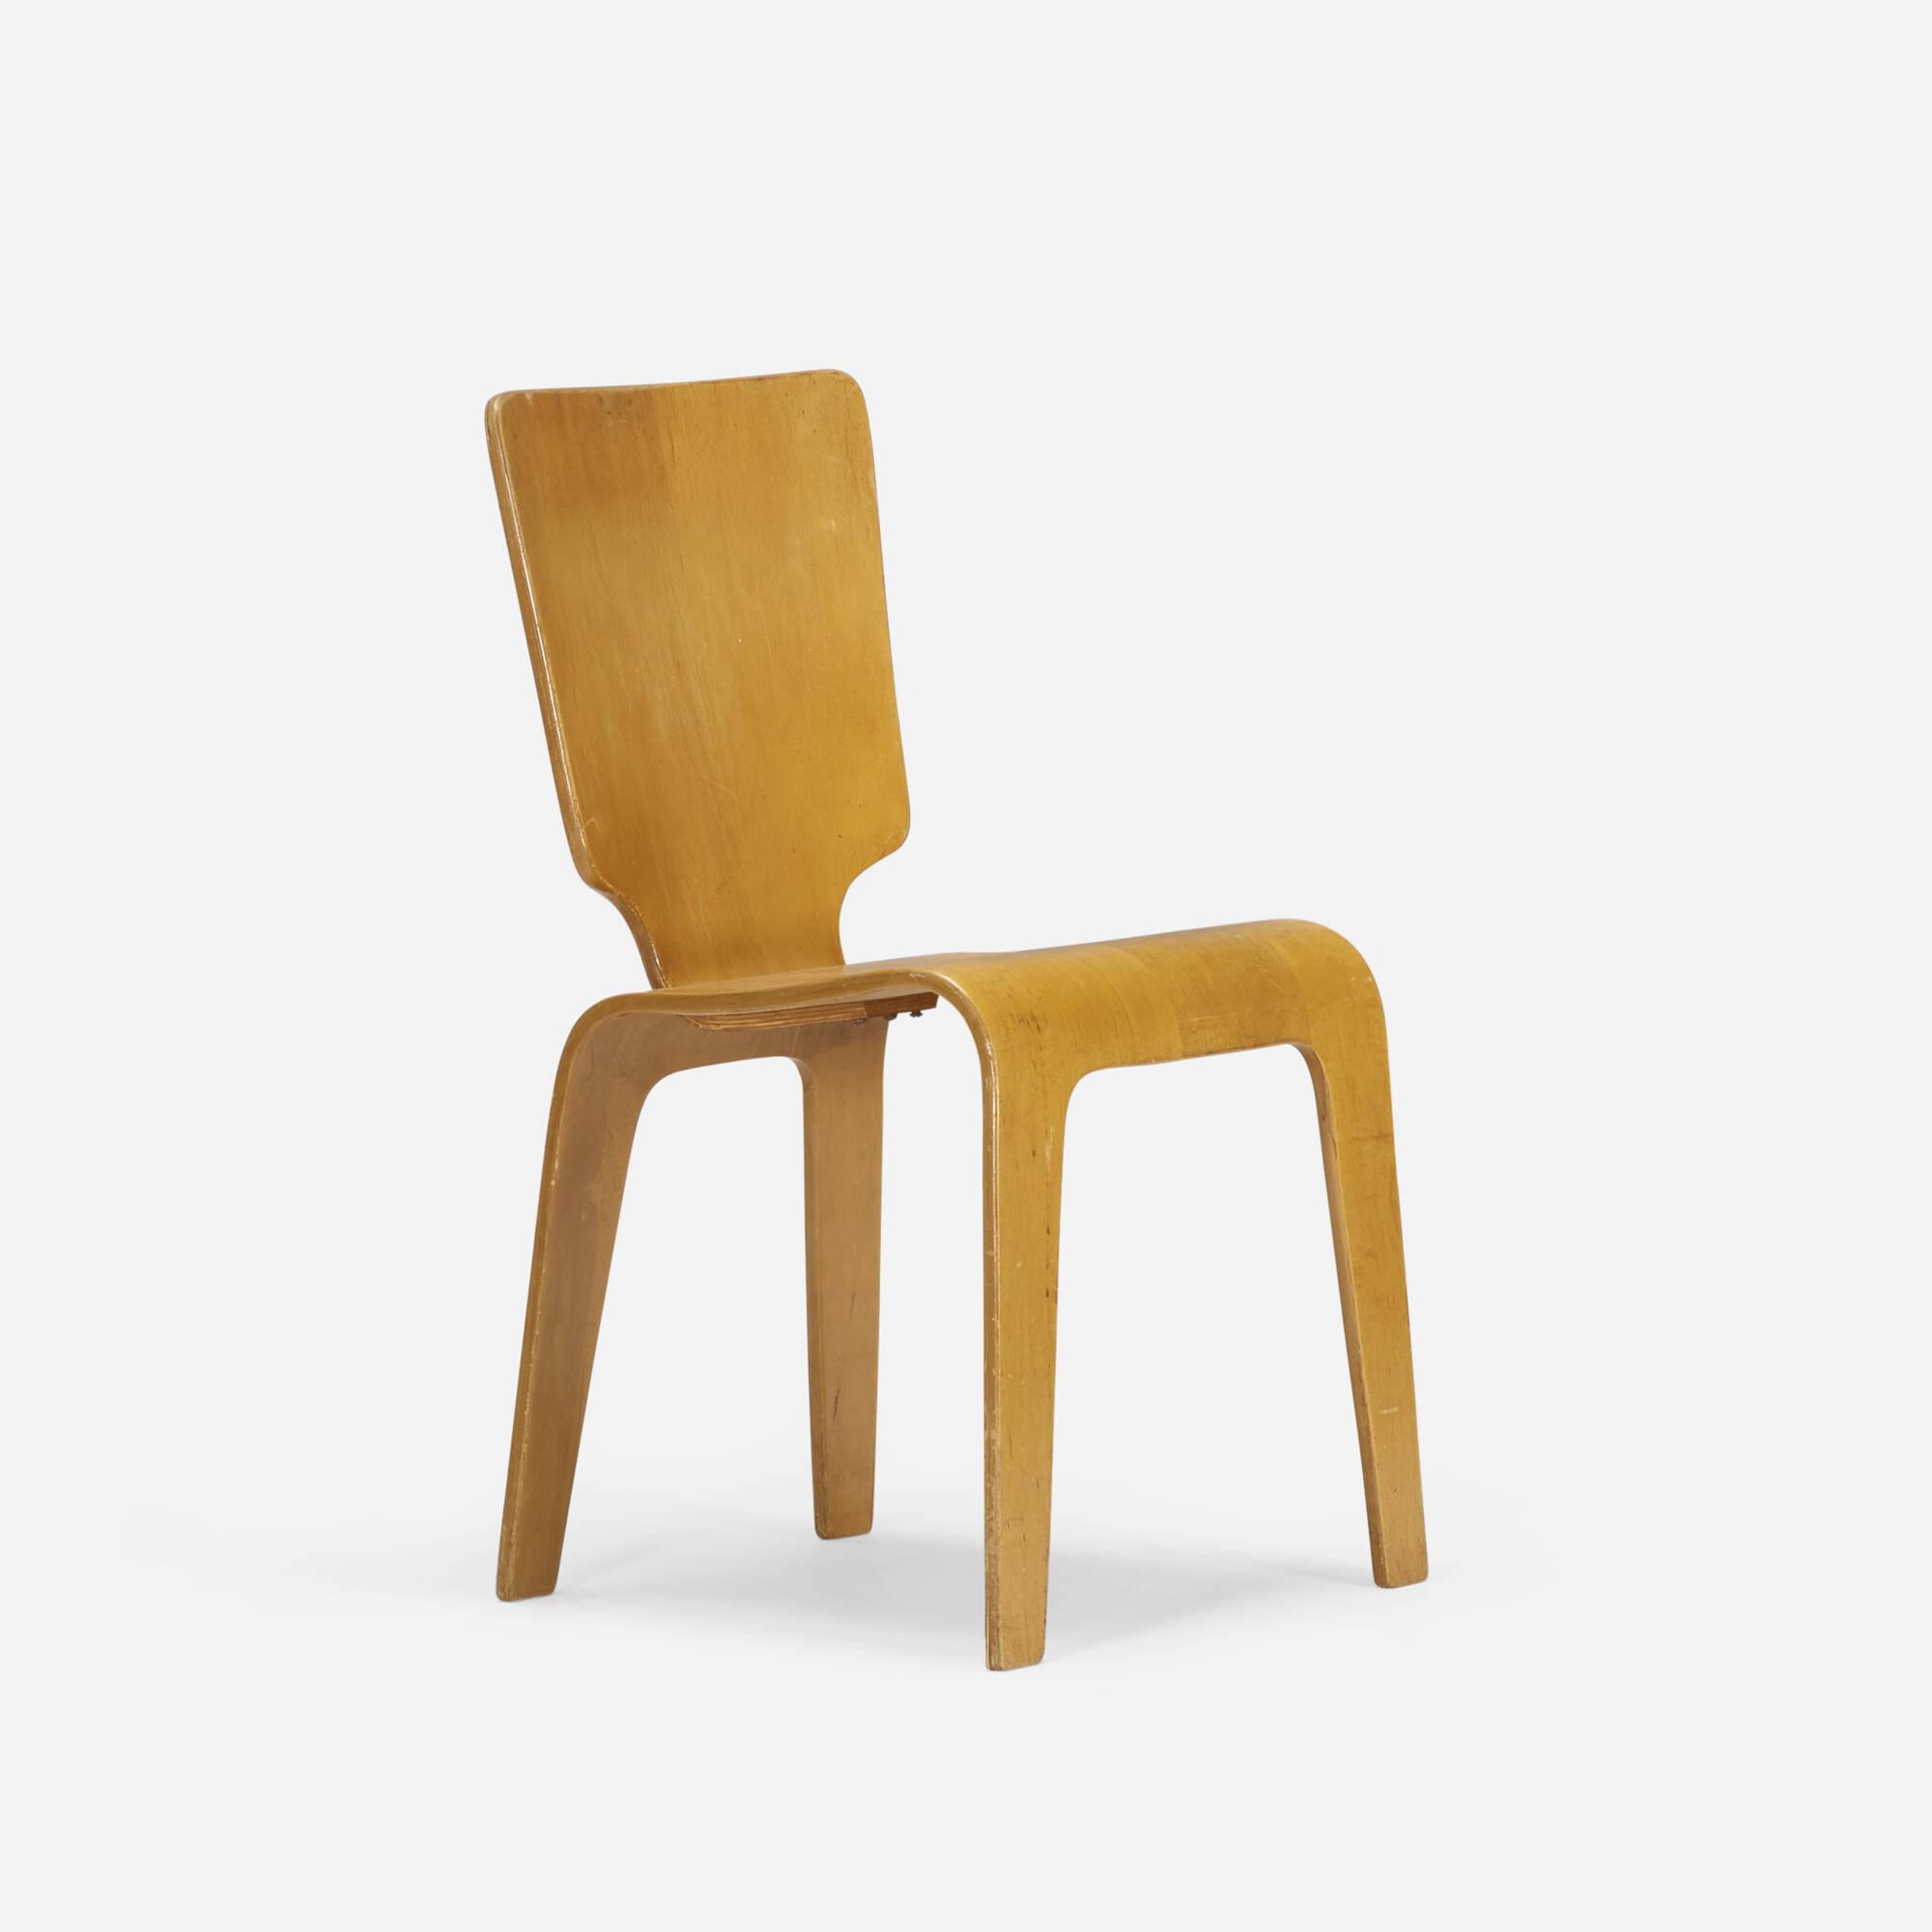 751: Herbert von Thaden / chair (1 of 3)